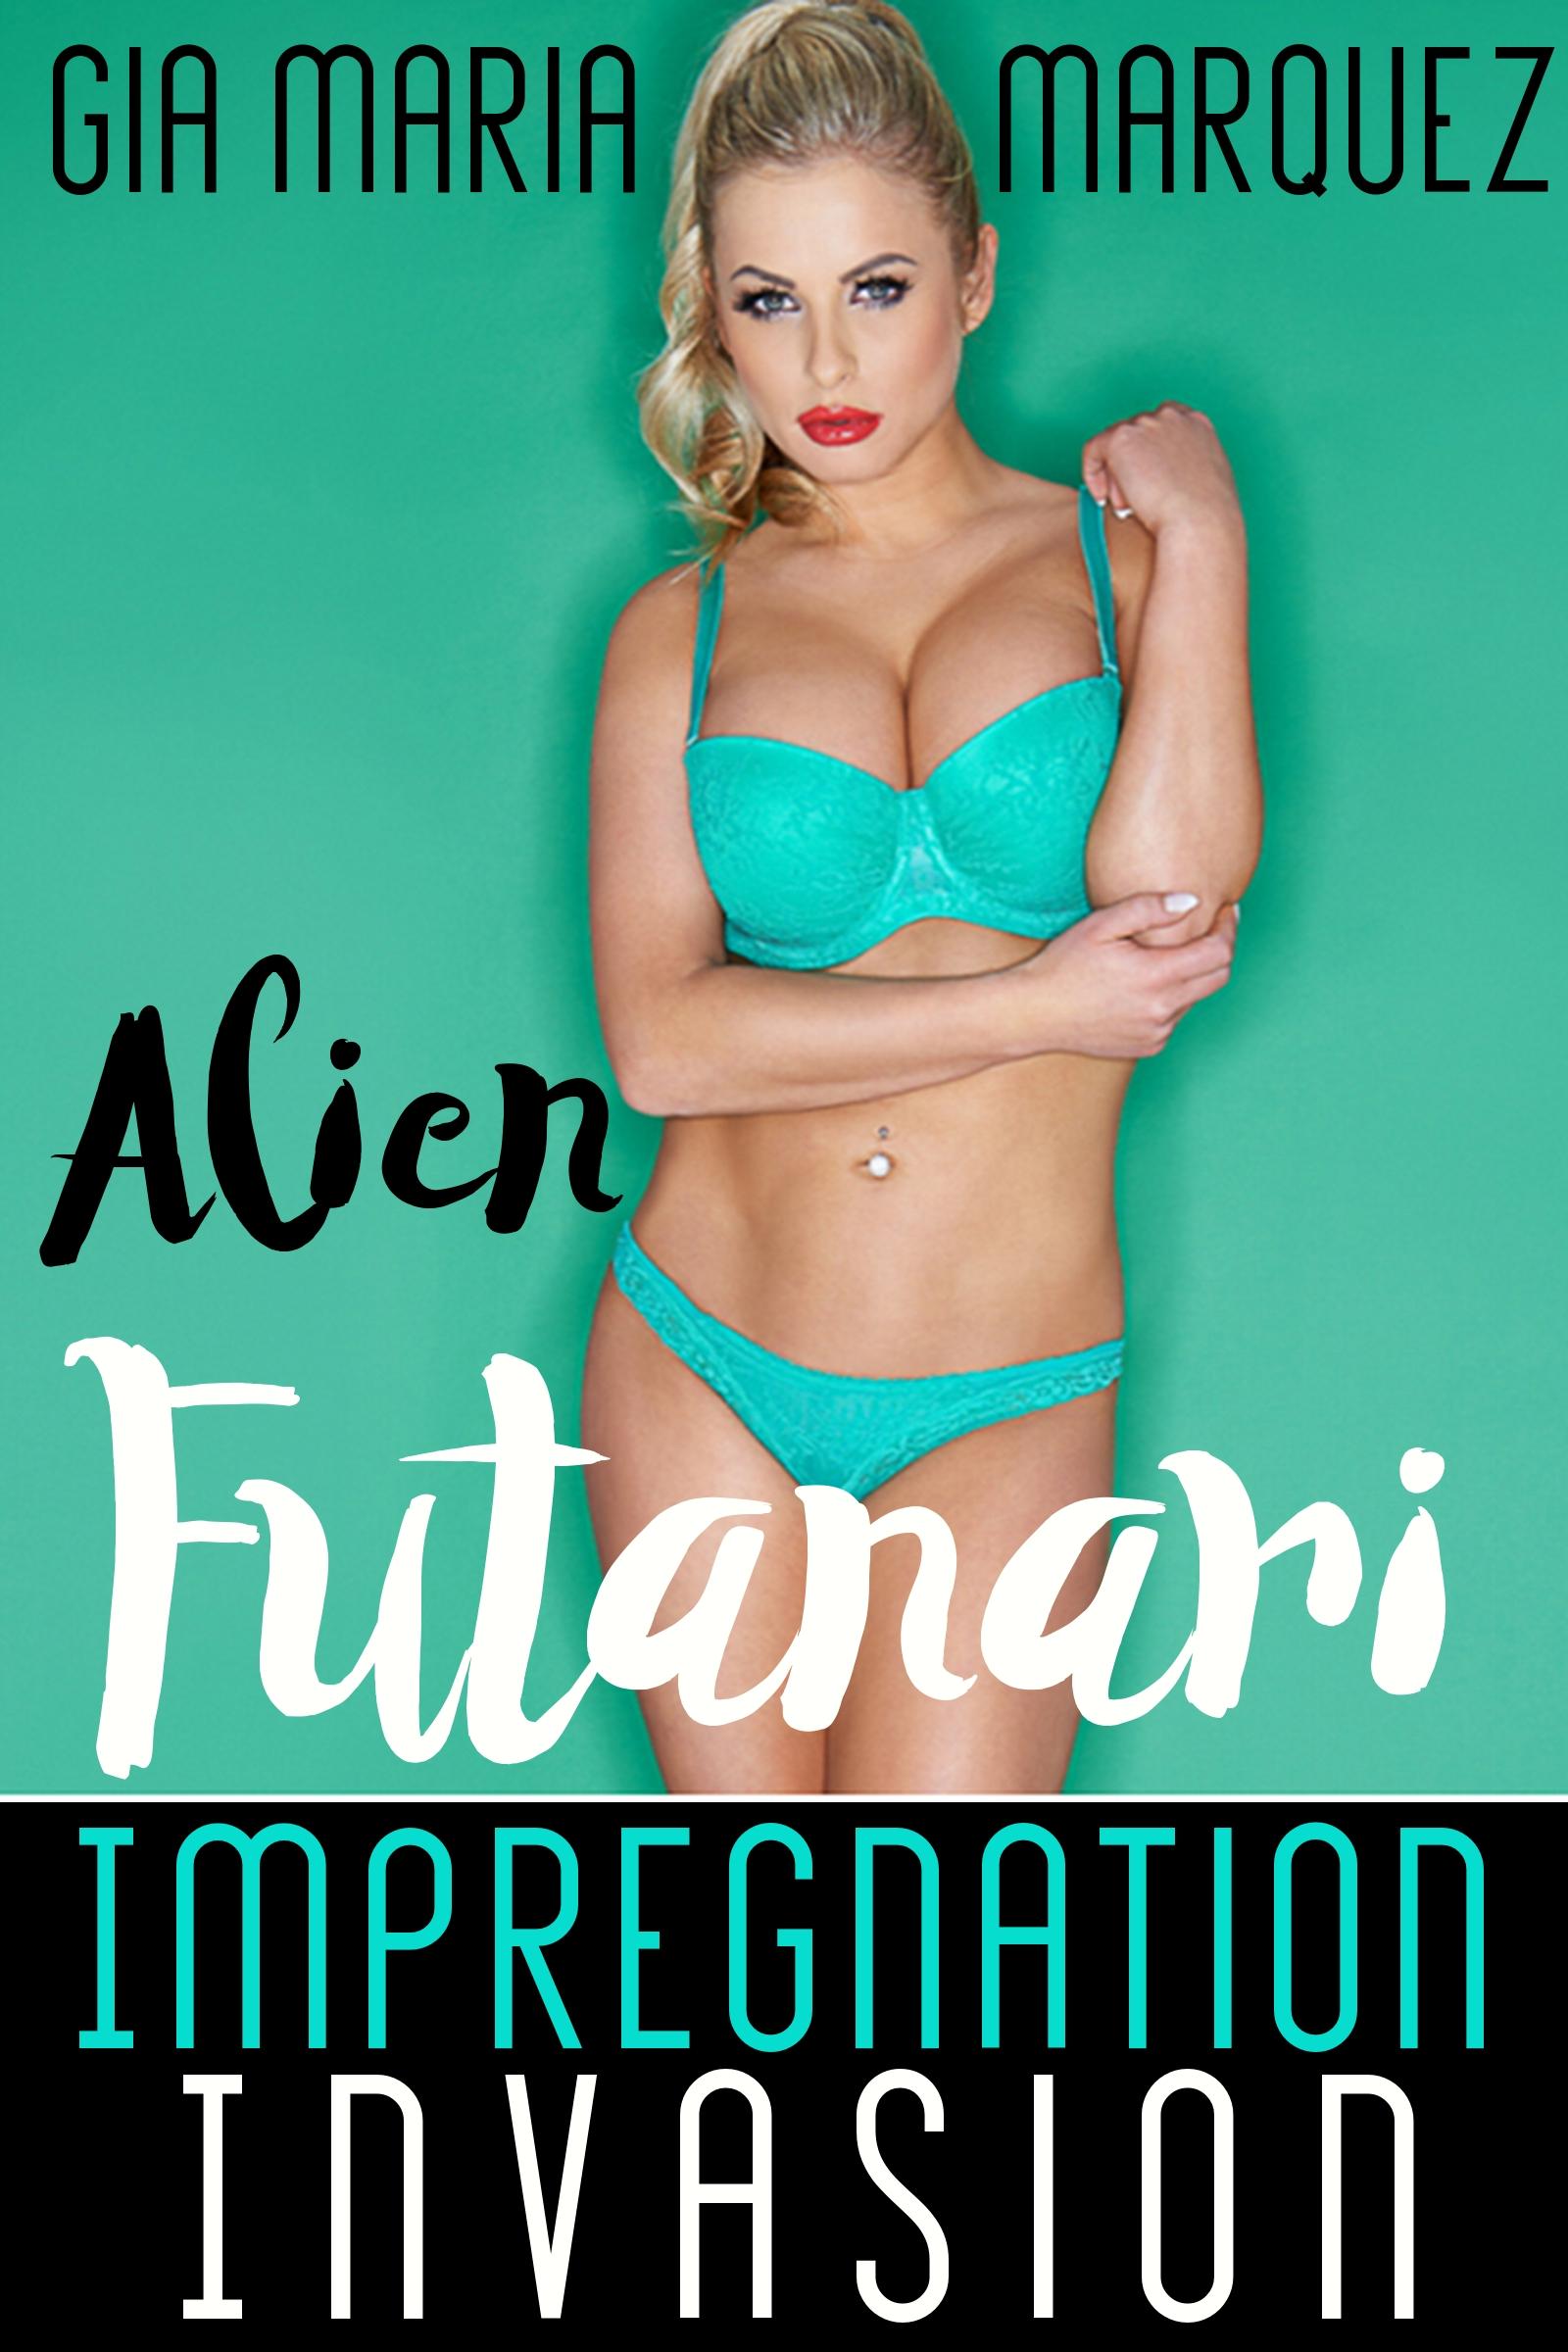 Alien Futanari alien futanari impregnation invasion, an ebookgia maria marquez